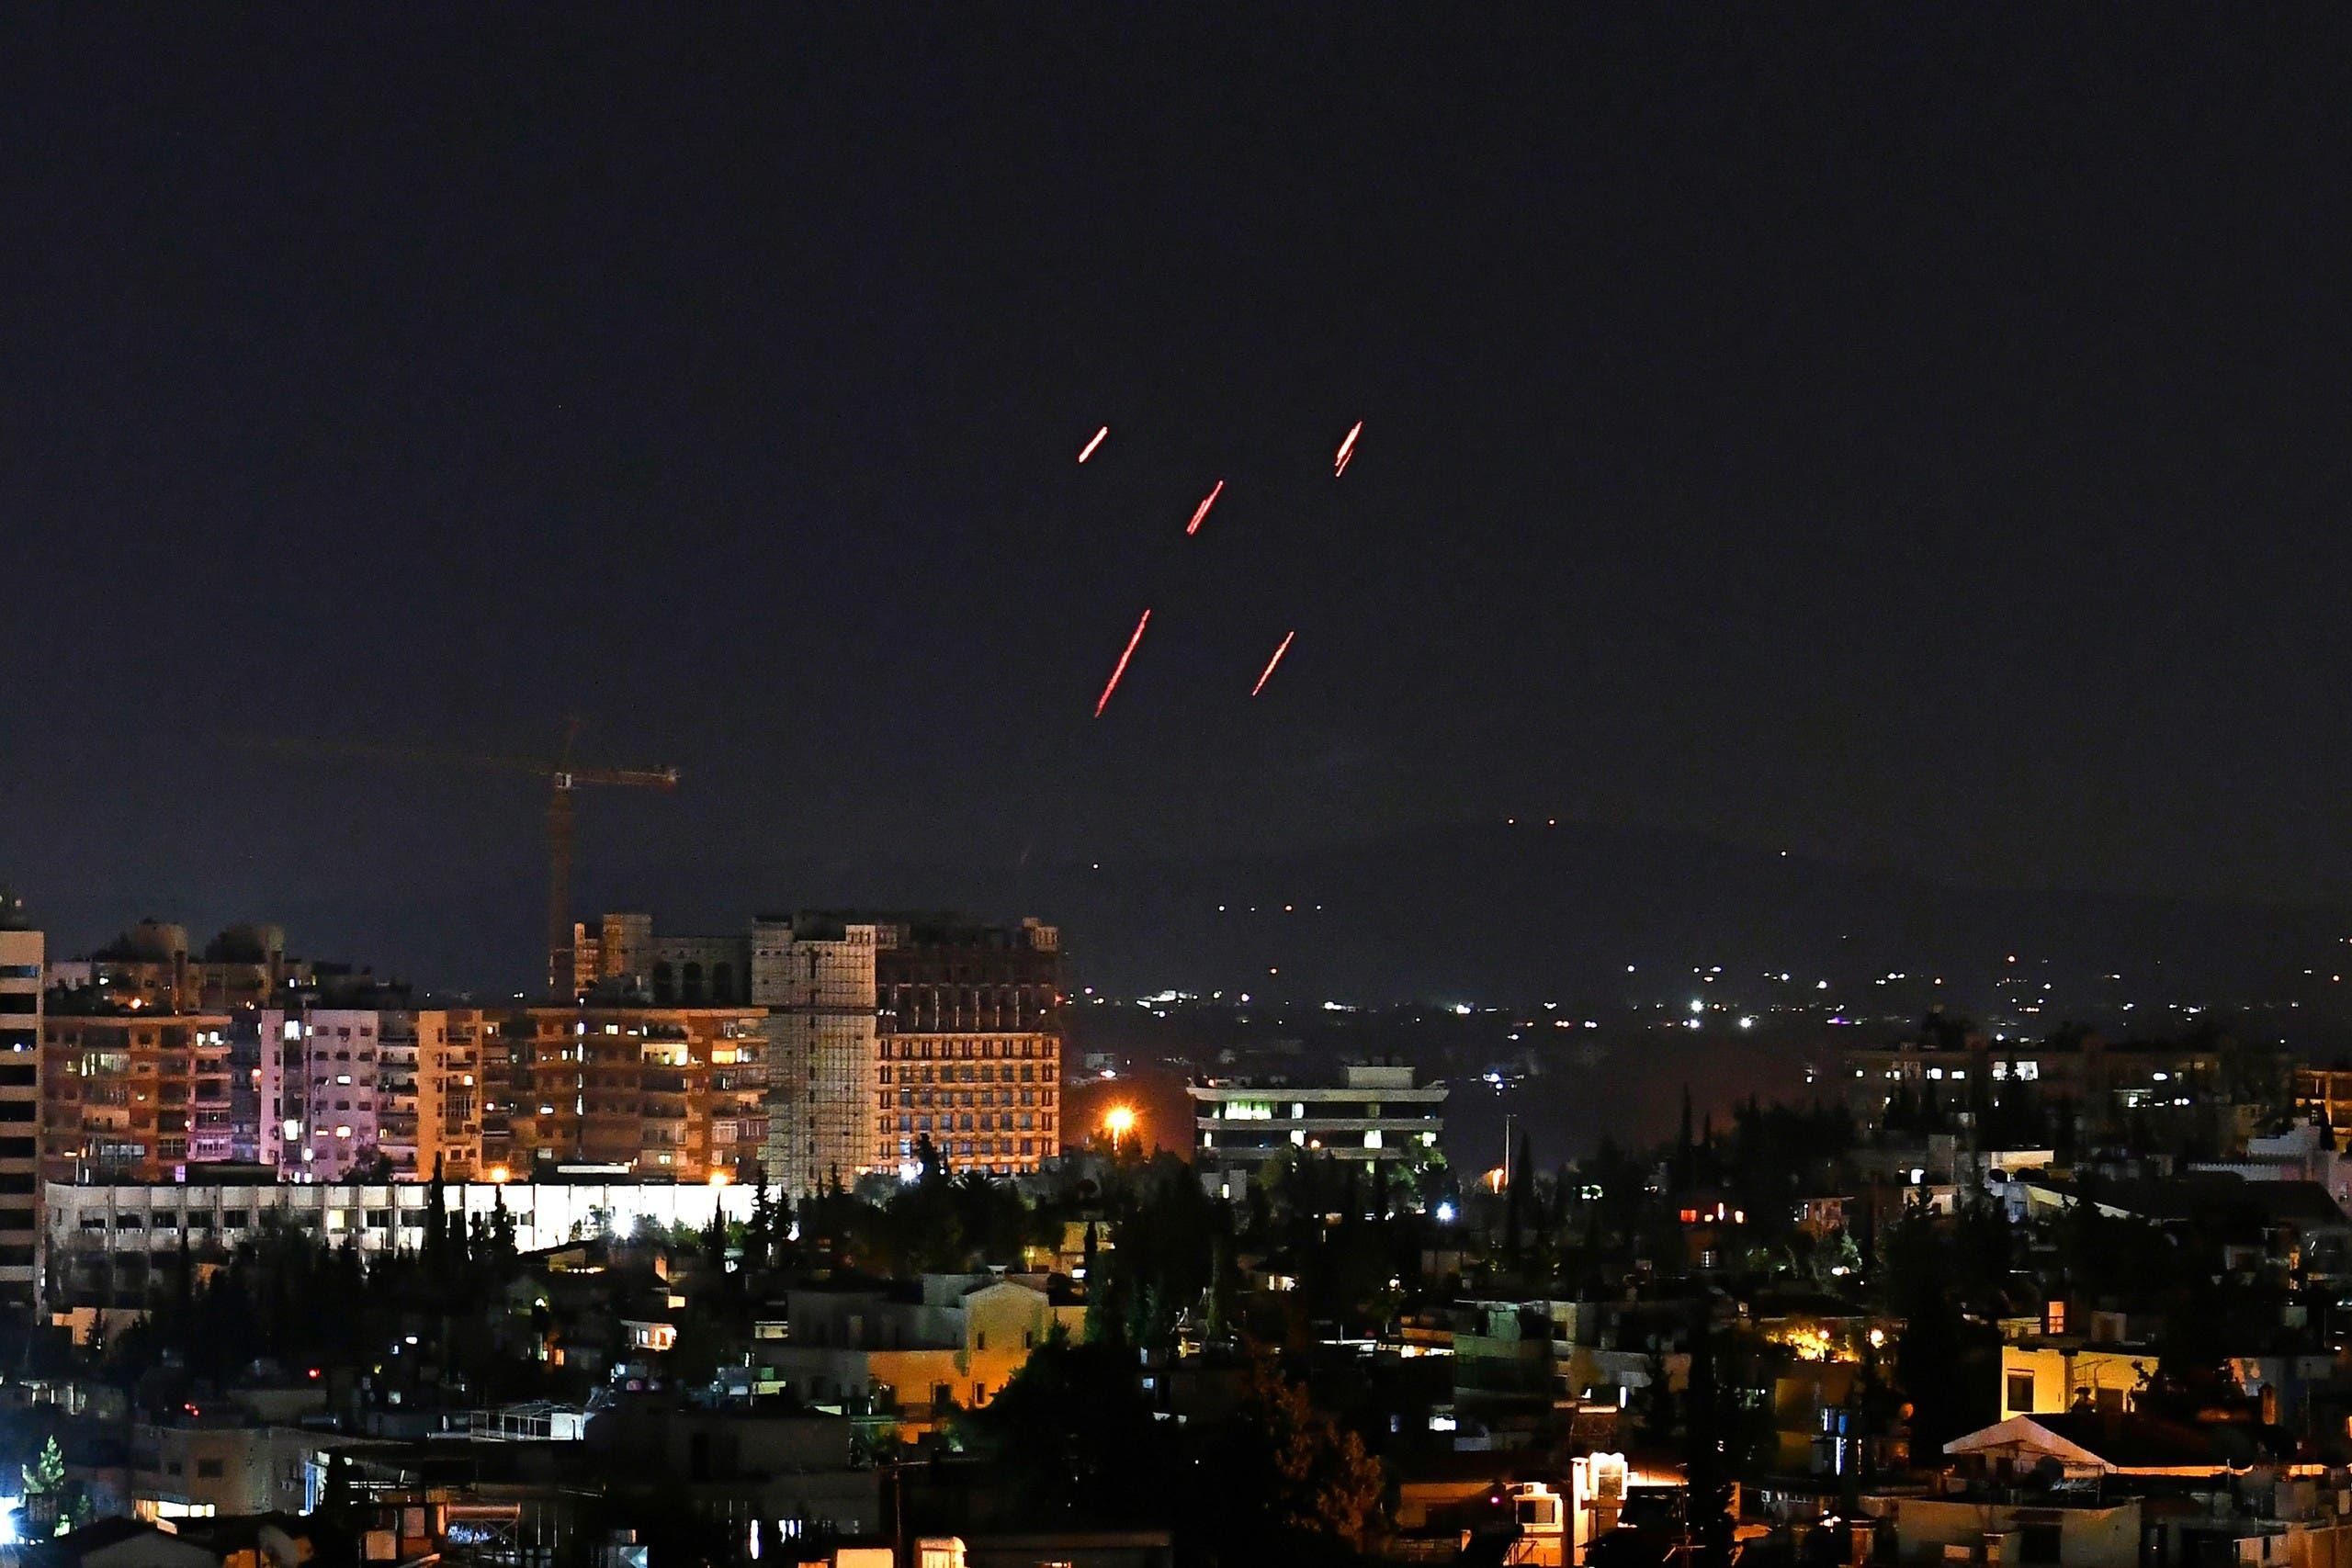 من محاولة الدفاعات الجوية للنظام التصدي للقصف الإسرائيلي جنوب دمشق أمس